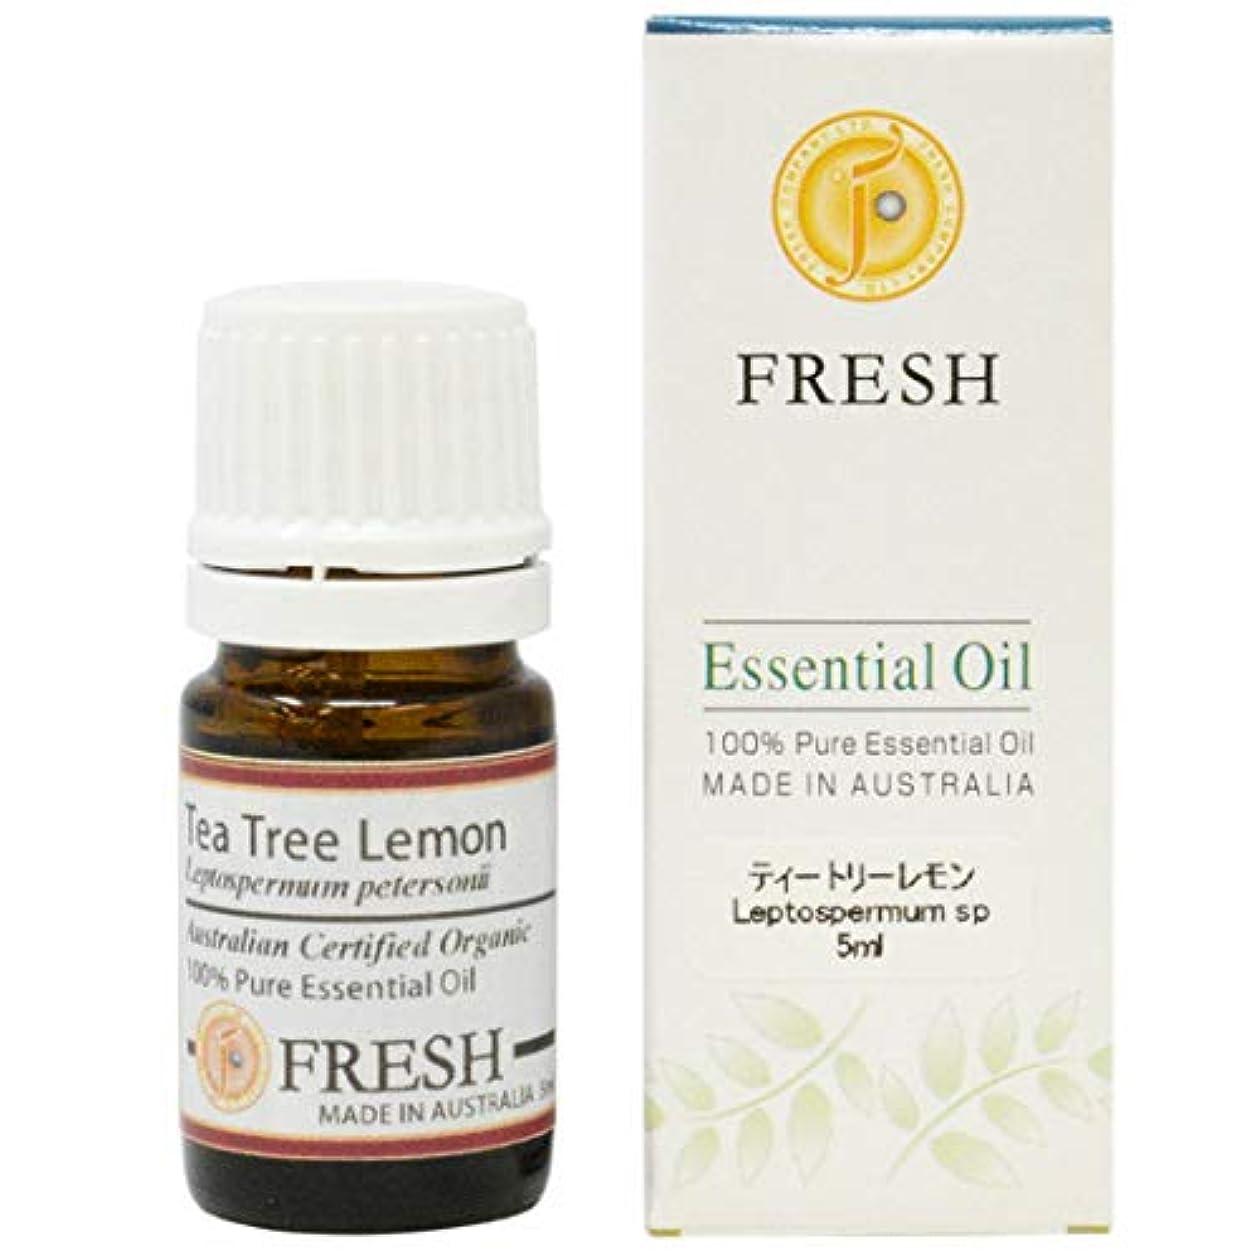 チャーター穴レジデンスFRESH オーガニック エッセンシャルオイル ティートリーレモン 5ml (FRESH 精油)